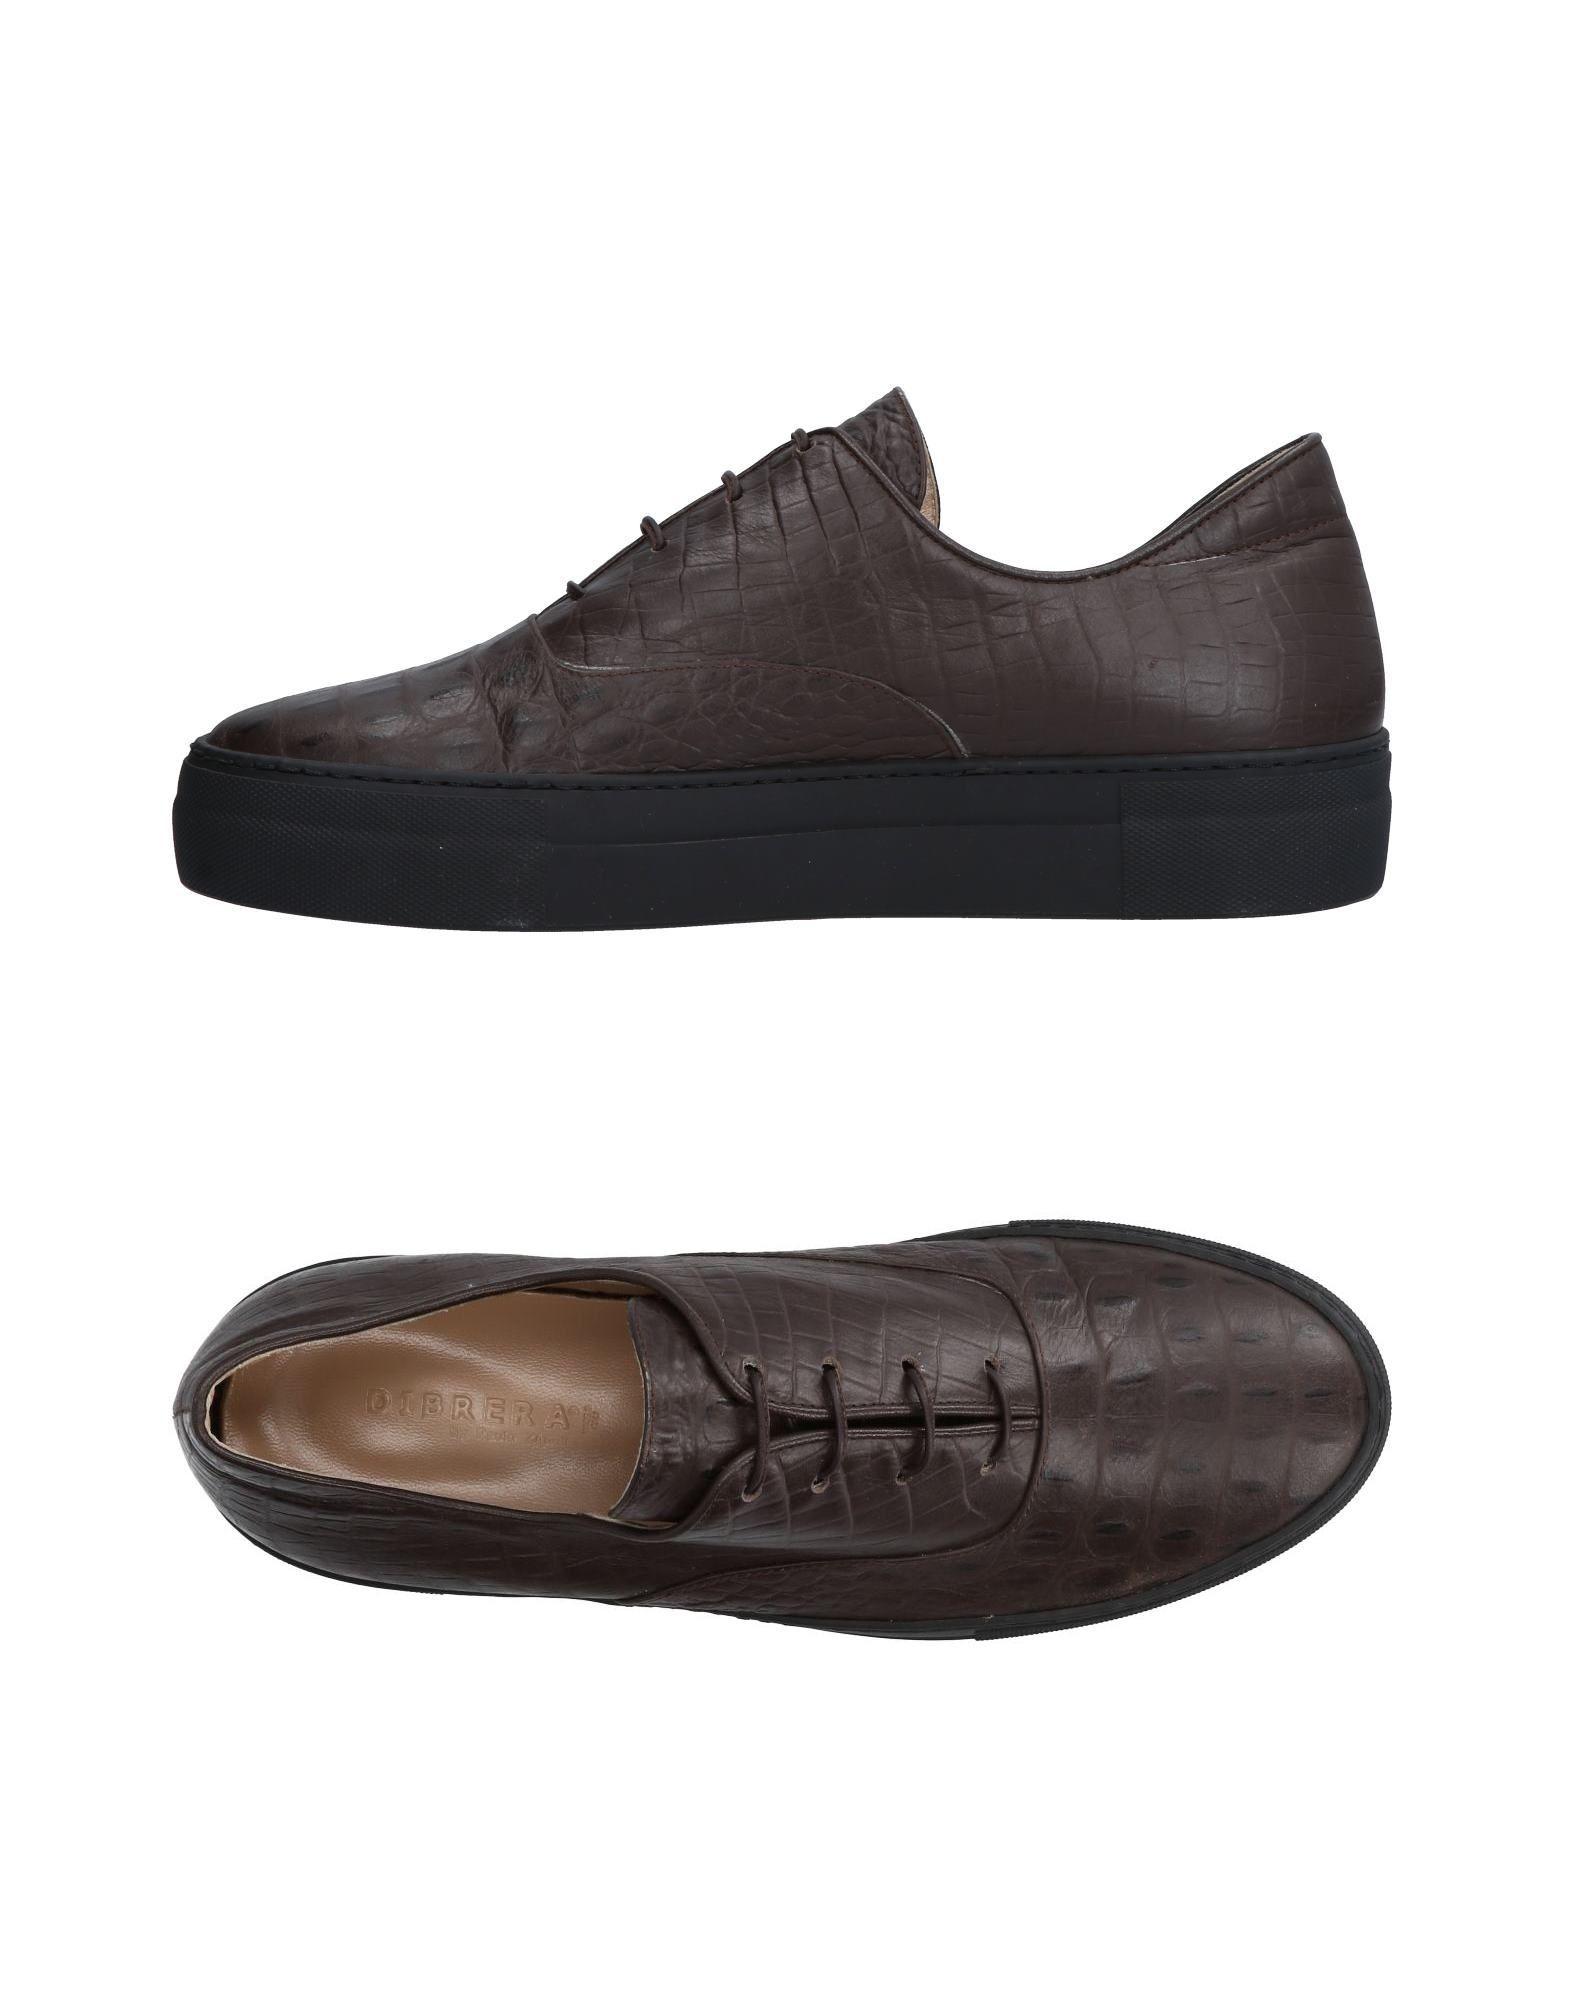 Dibrera By Men Paolo Zanoli Sneakers - Men By Dibrera By Paolo Zanoli Sneakers online on  United Kingdom - 11446163AW d51e7b